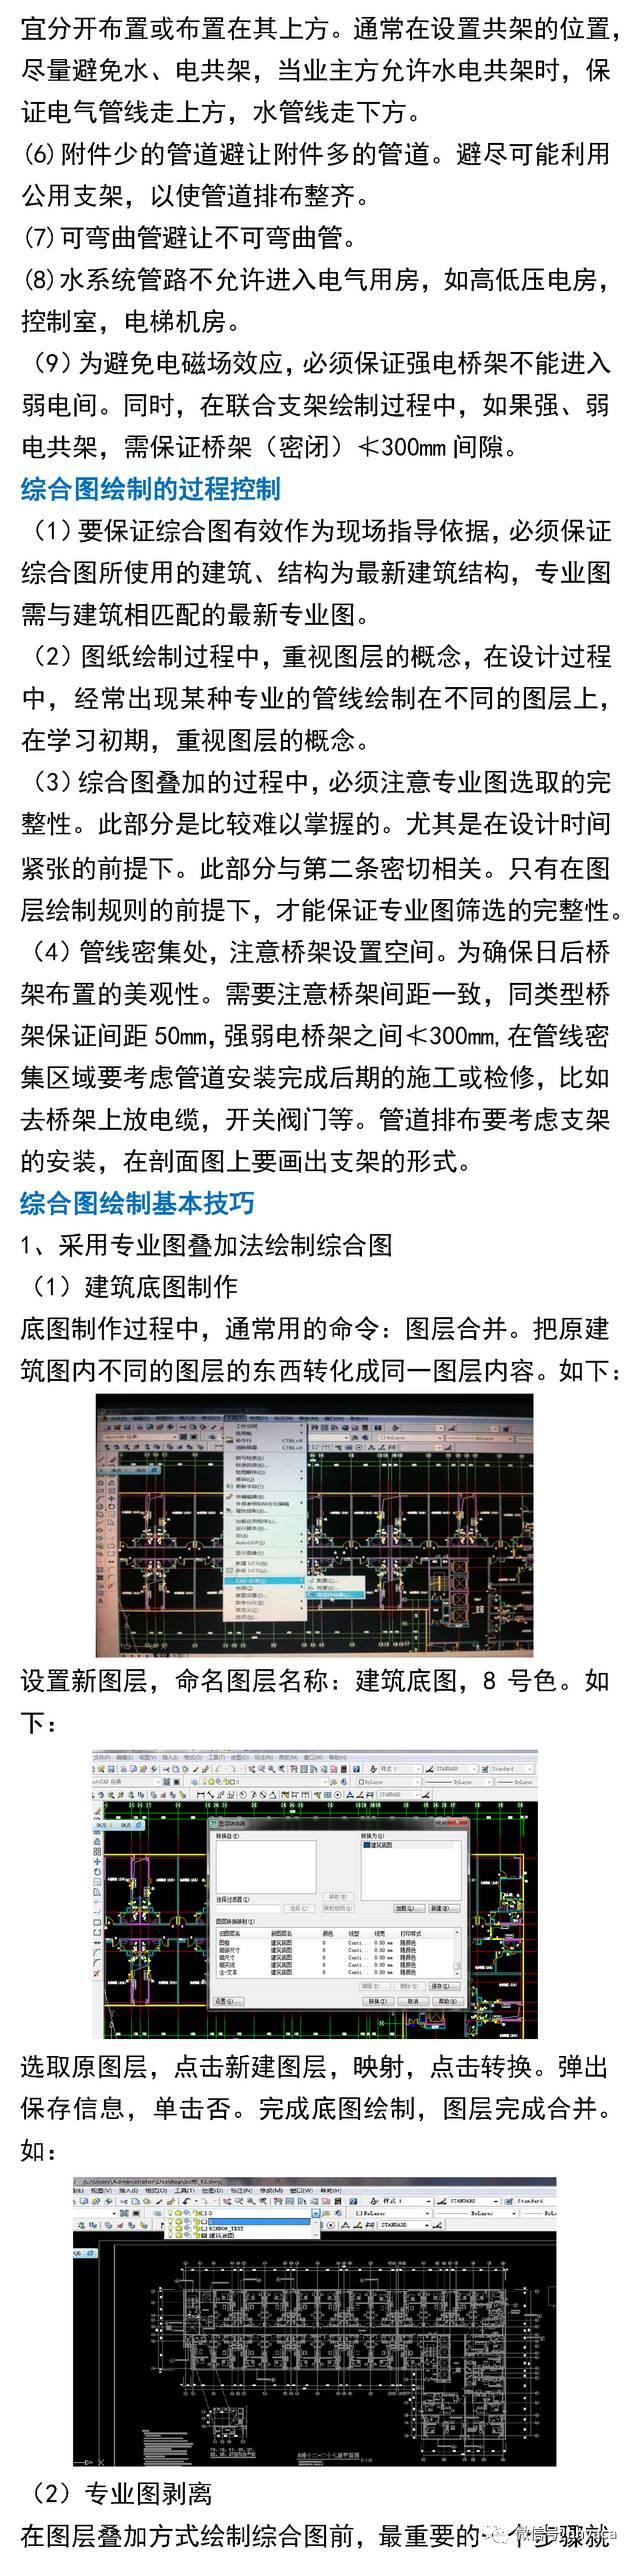 干货|机电管线综合图绘制_4